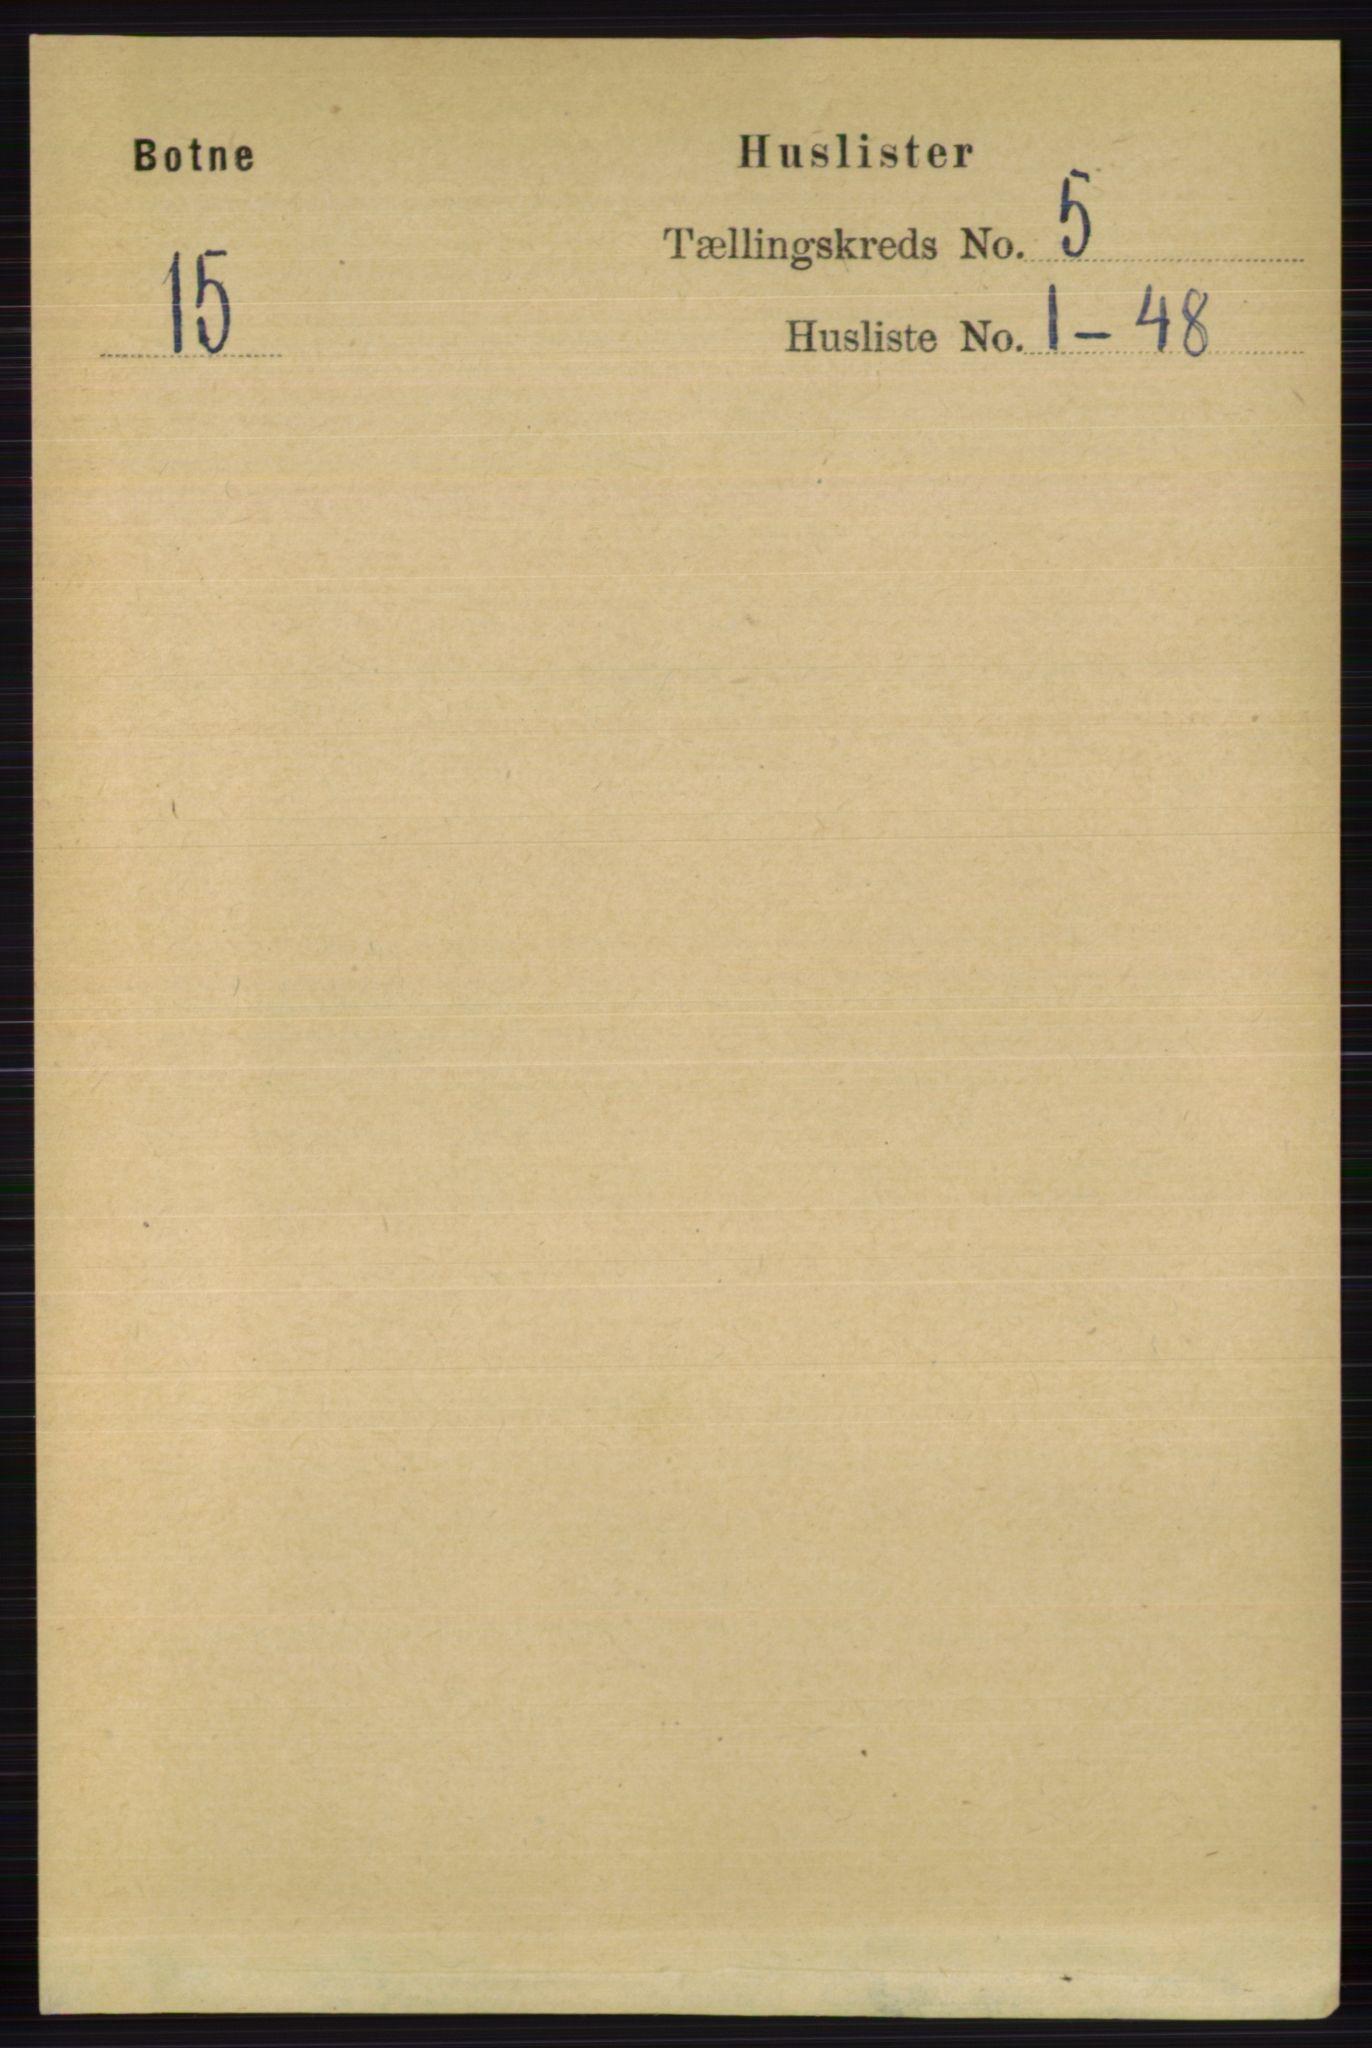 RA, Folketelling 1891 for 0715 Botne herred, 1891, s. 1898